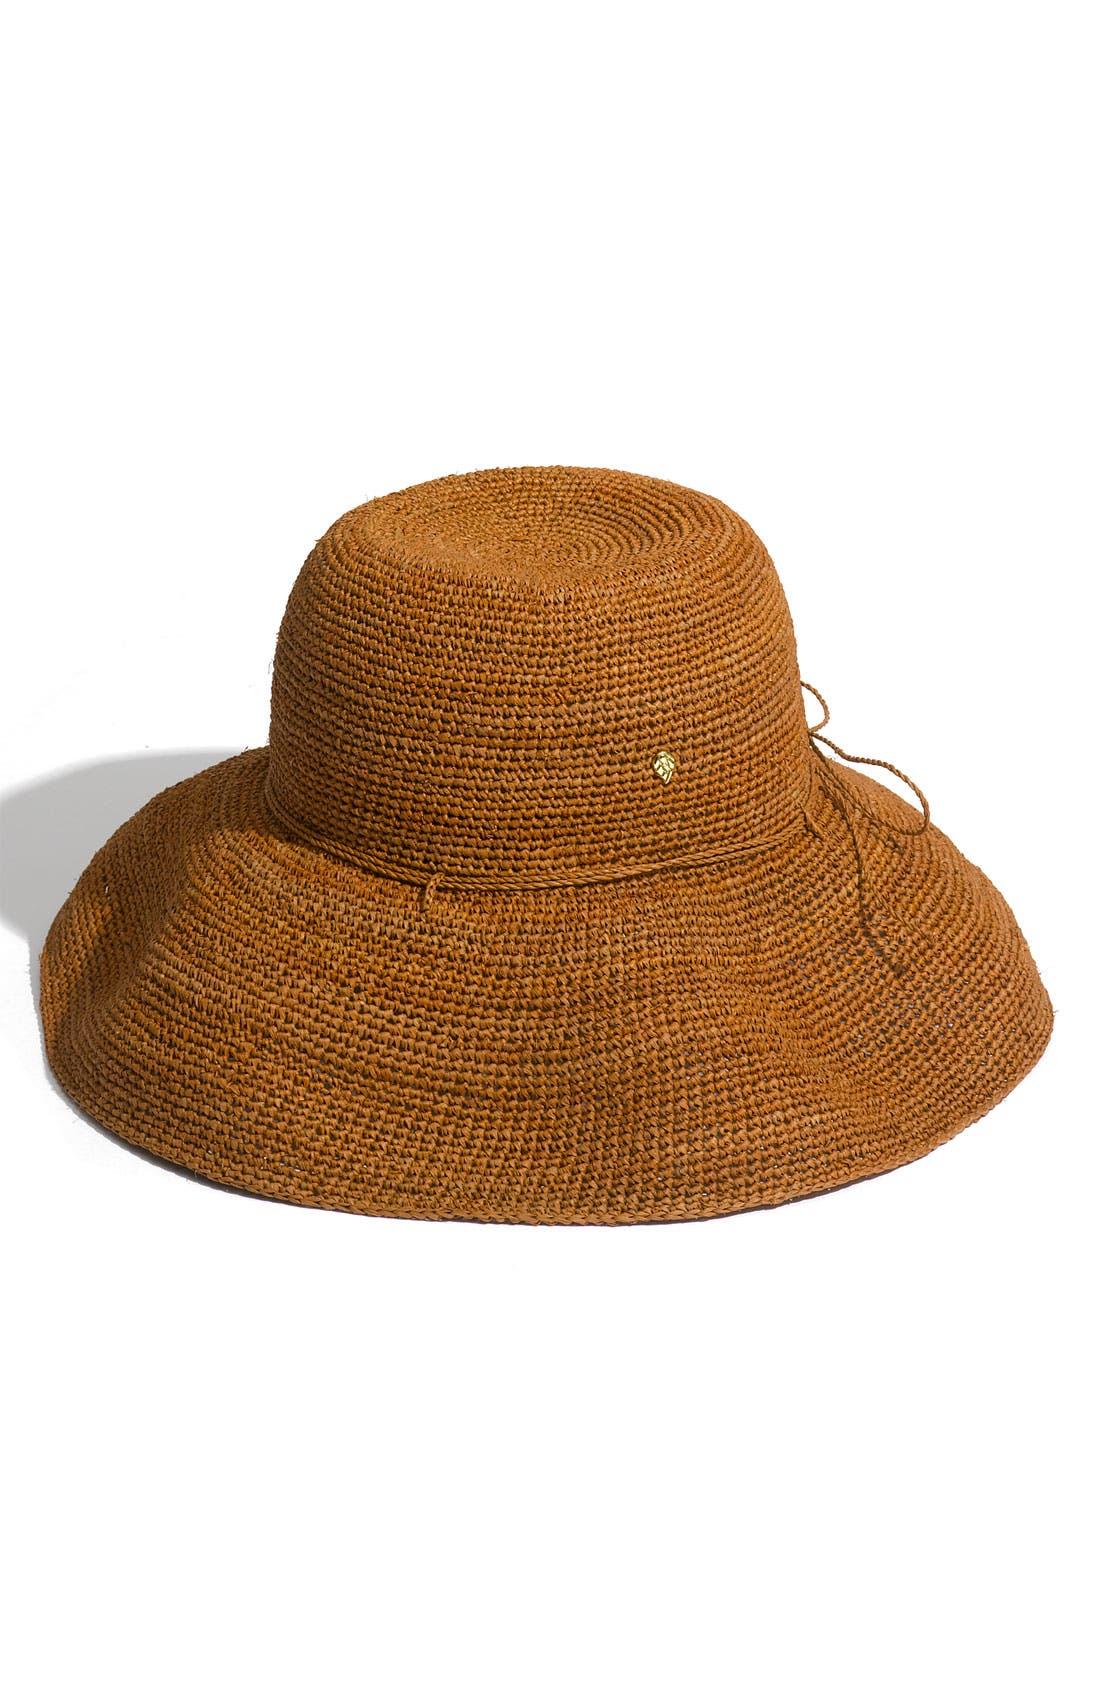 'Provence 12' Packable Raffia Hat,                             Main thumbnail 3, color,